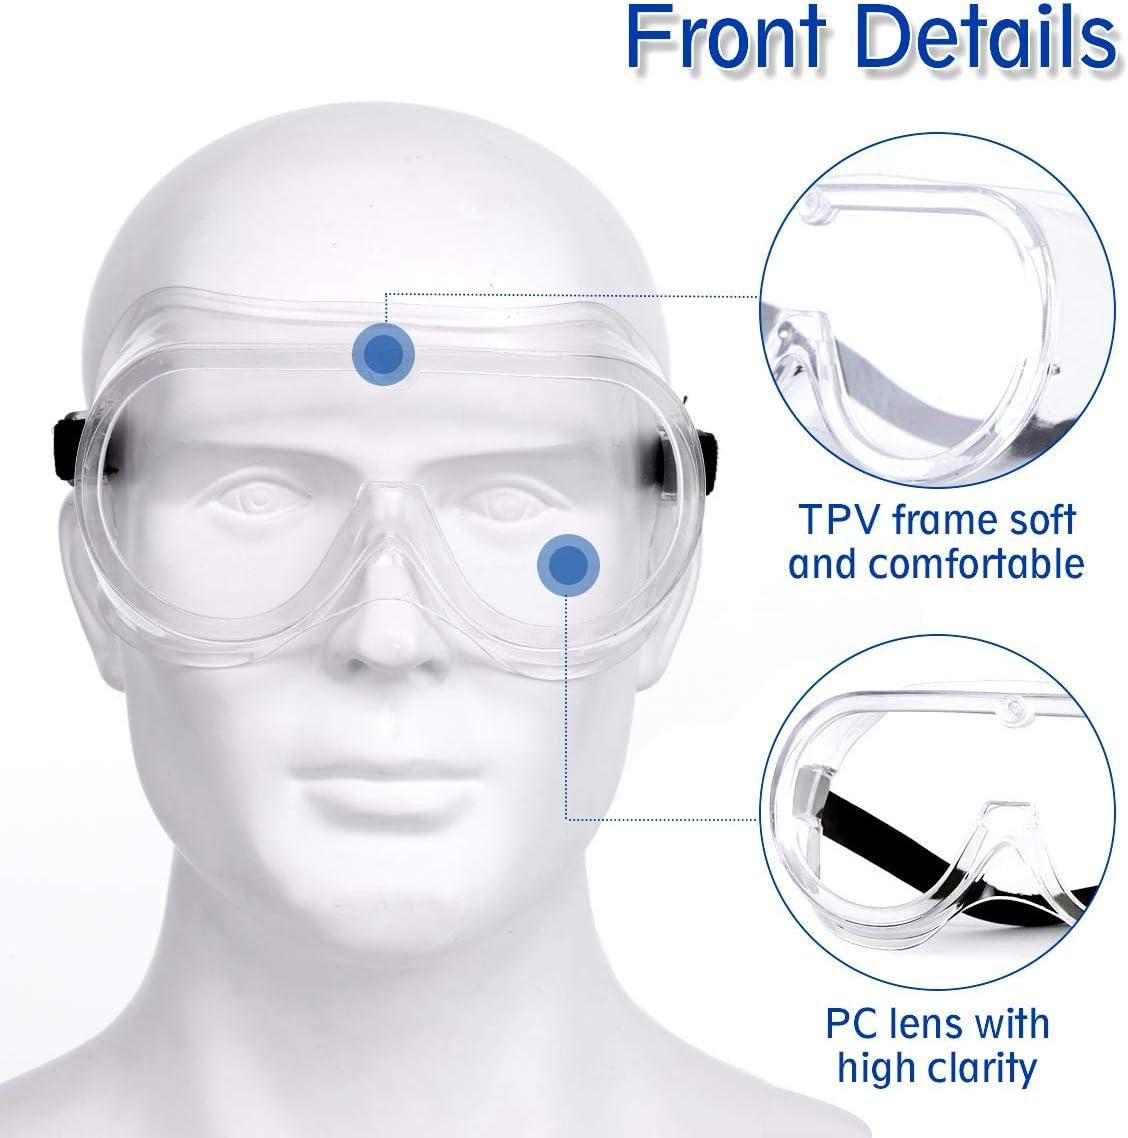 Agr/ícola o de Laboratorio Gafas de Seguridad NASUM para Uso Industrial 1 Par Plegable Gafas Protectoras Gafa de Protecci/ón Gafas a Prueba de Polvo Gafas Protectoras